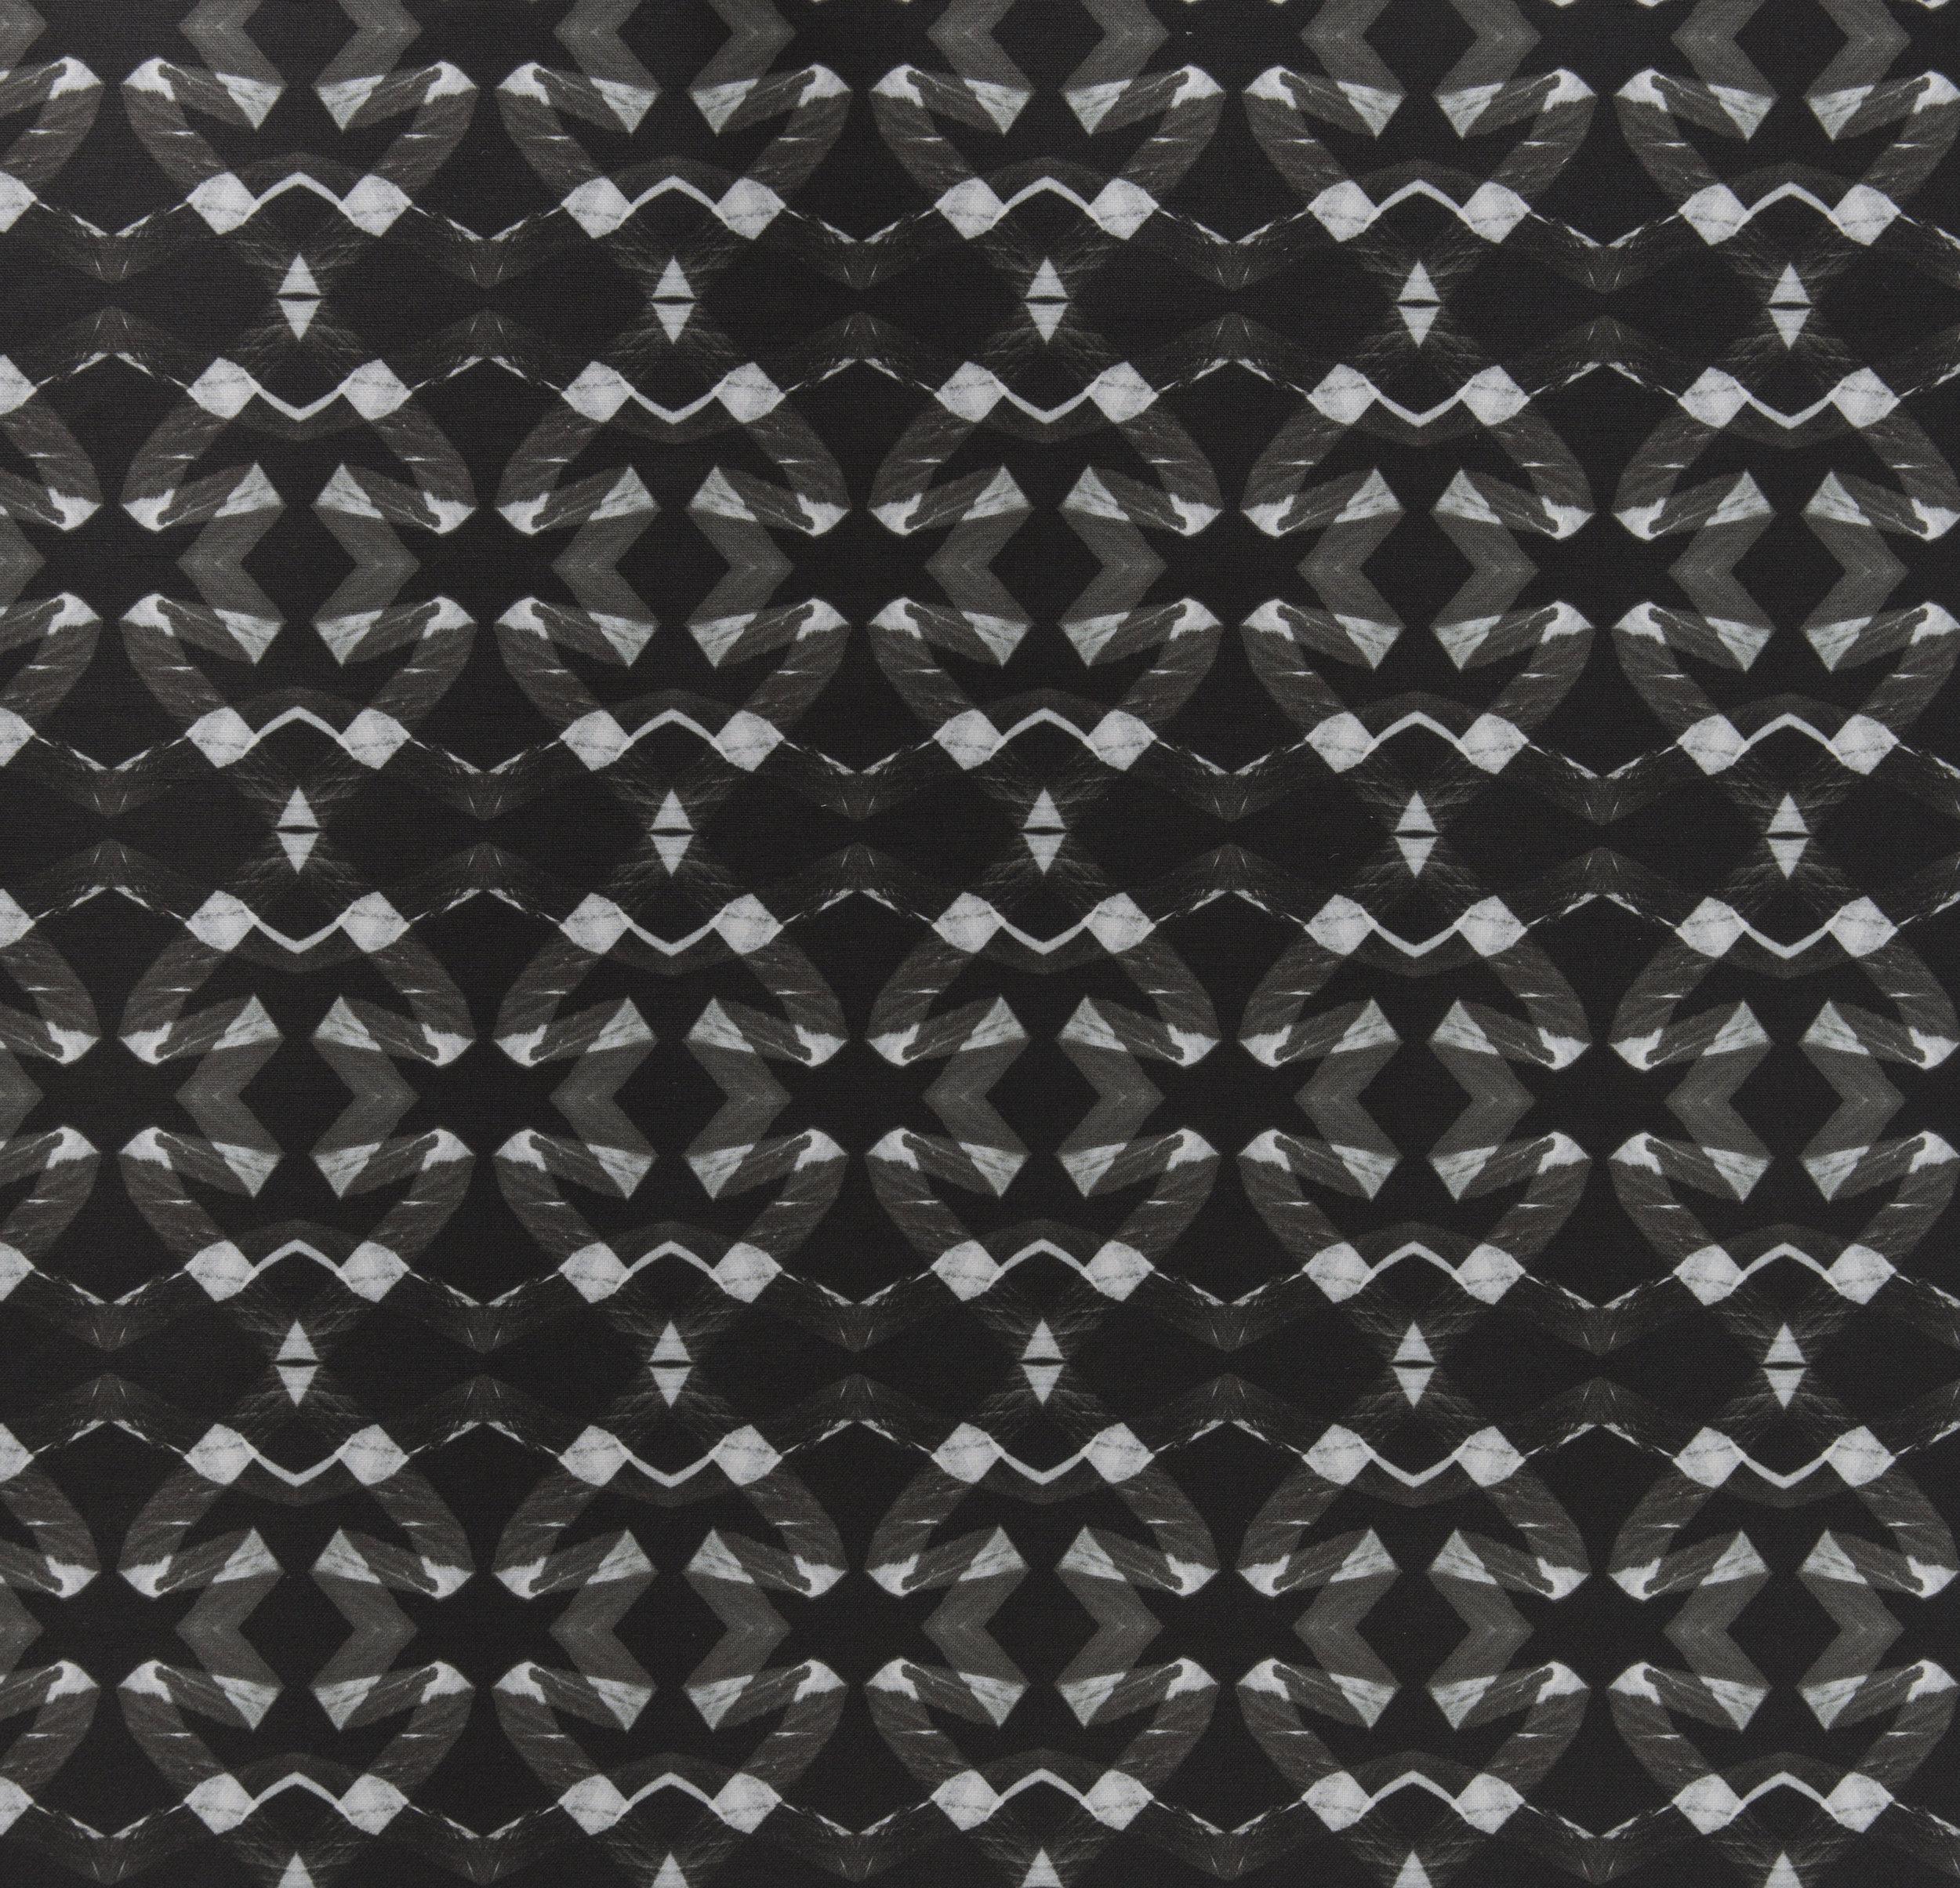 Lucina Black Fabric Repeat